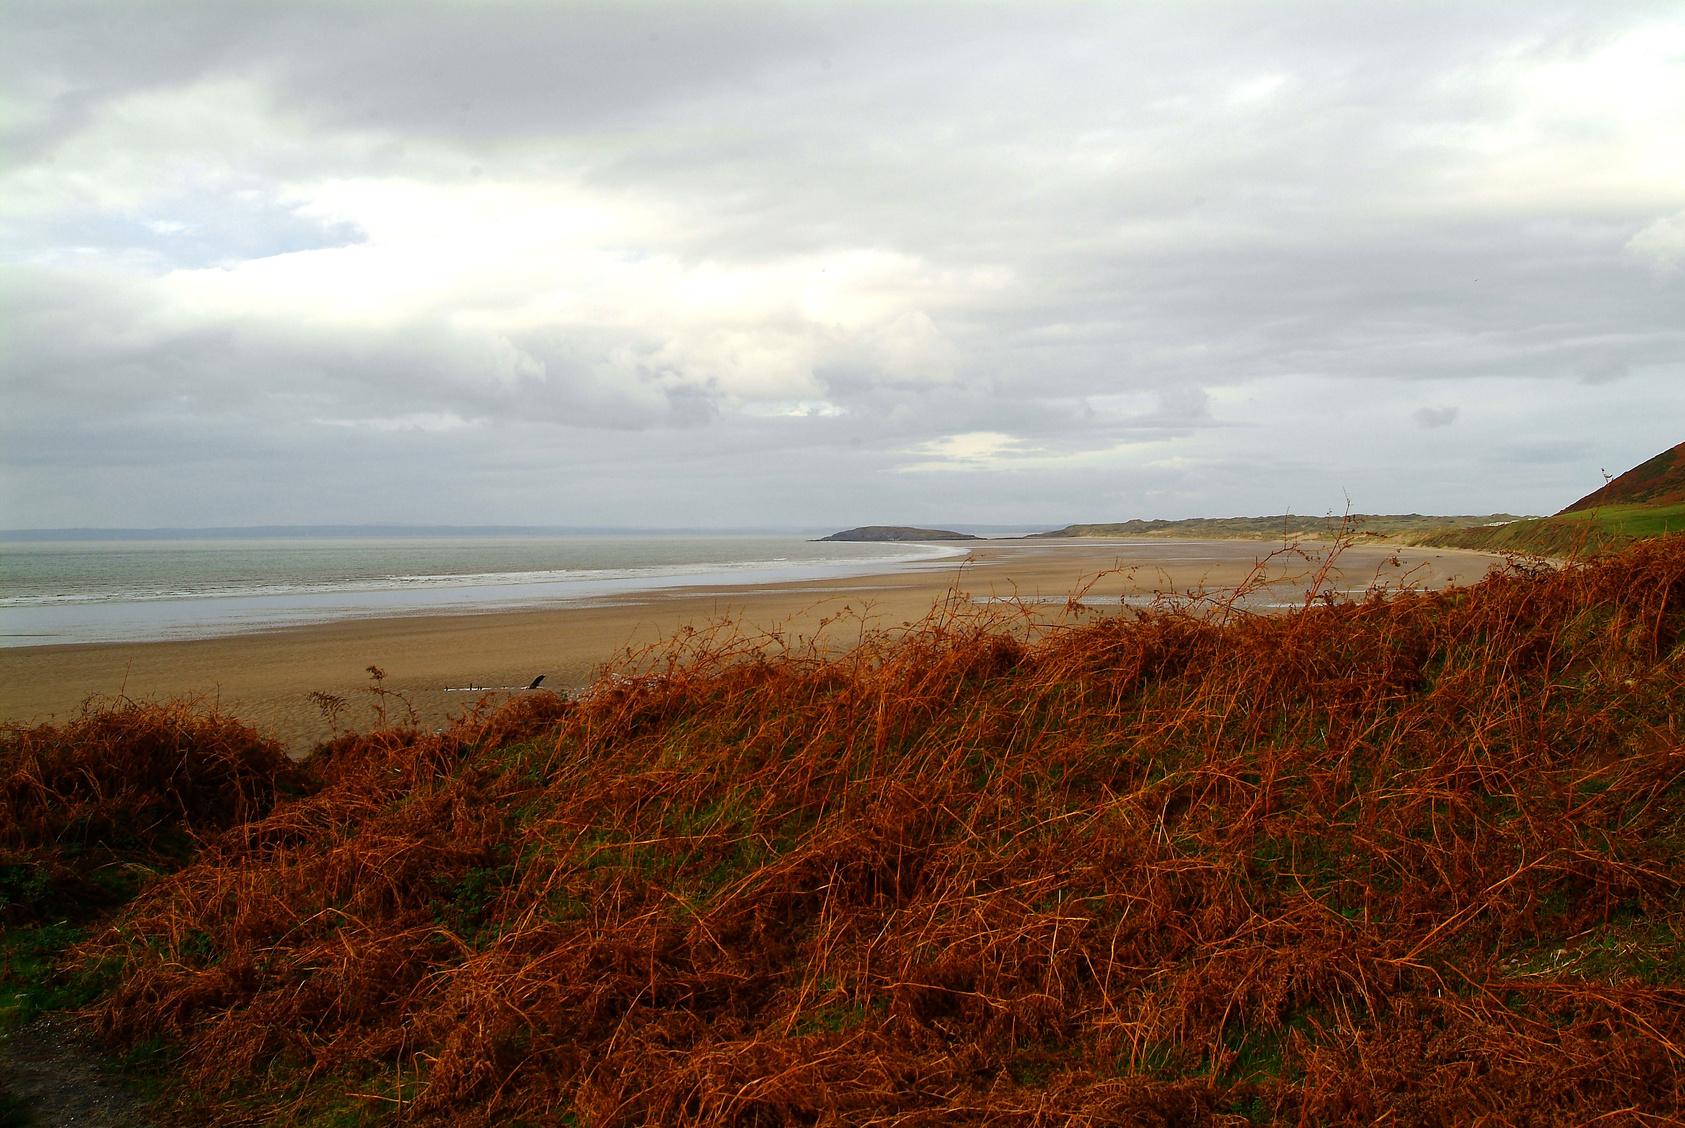 Legszebb tengerpartok a világ körül - Rhossili Bay, Wales